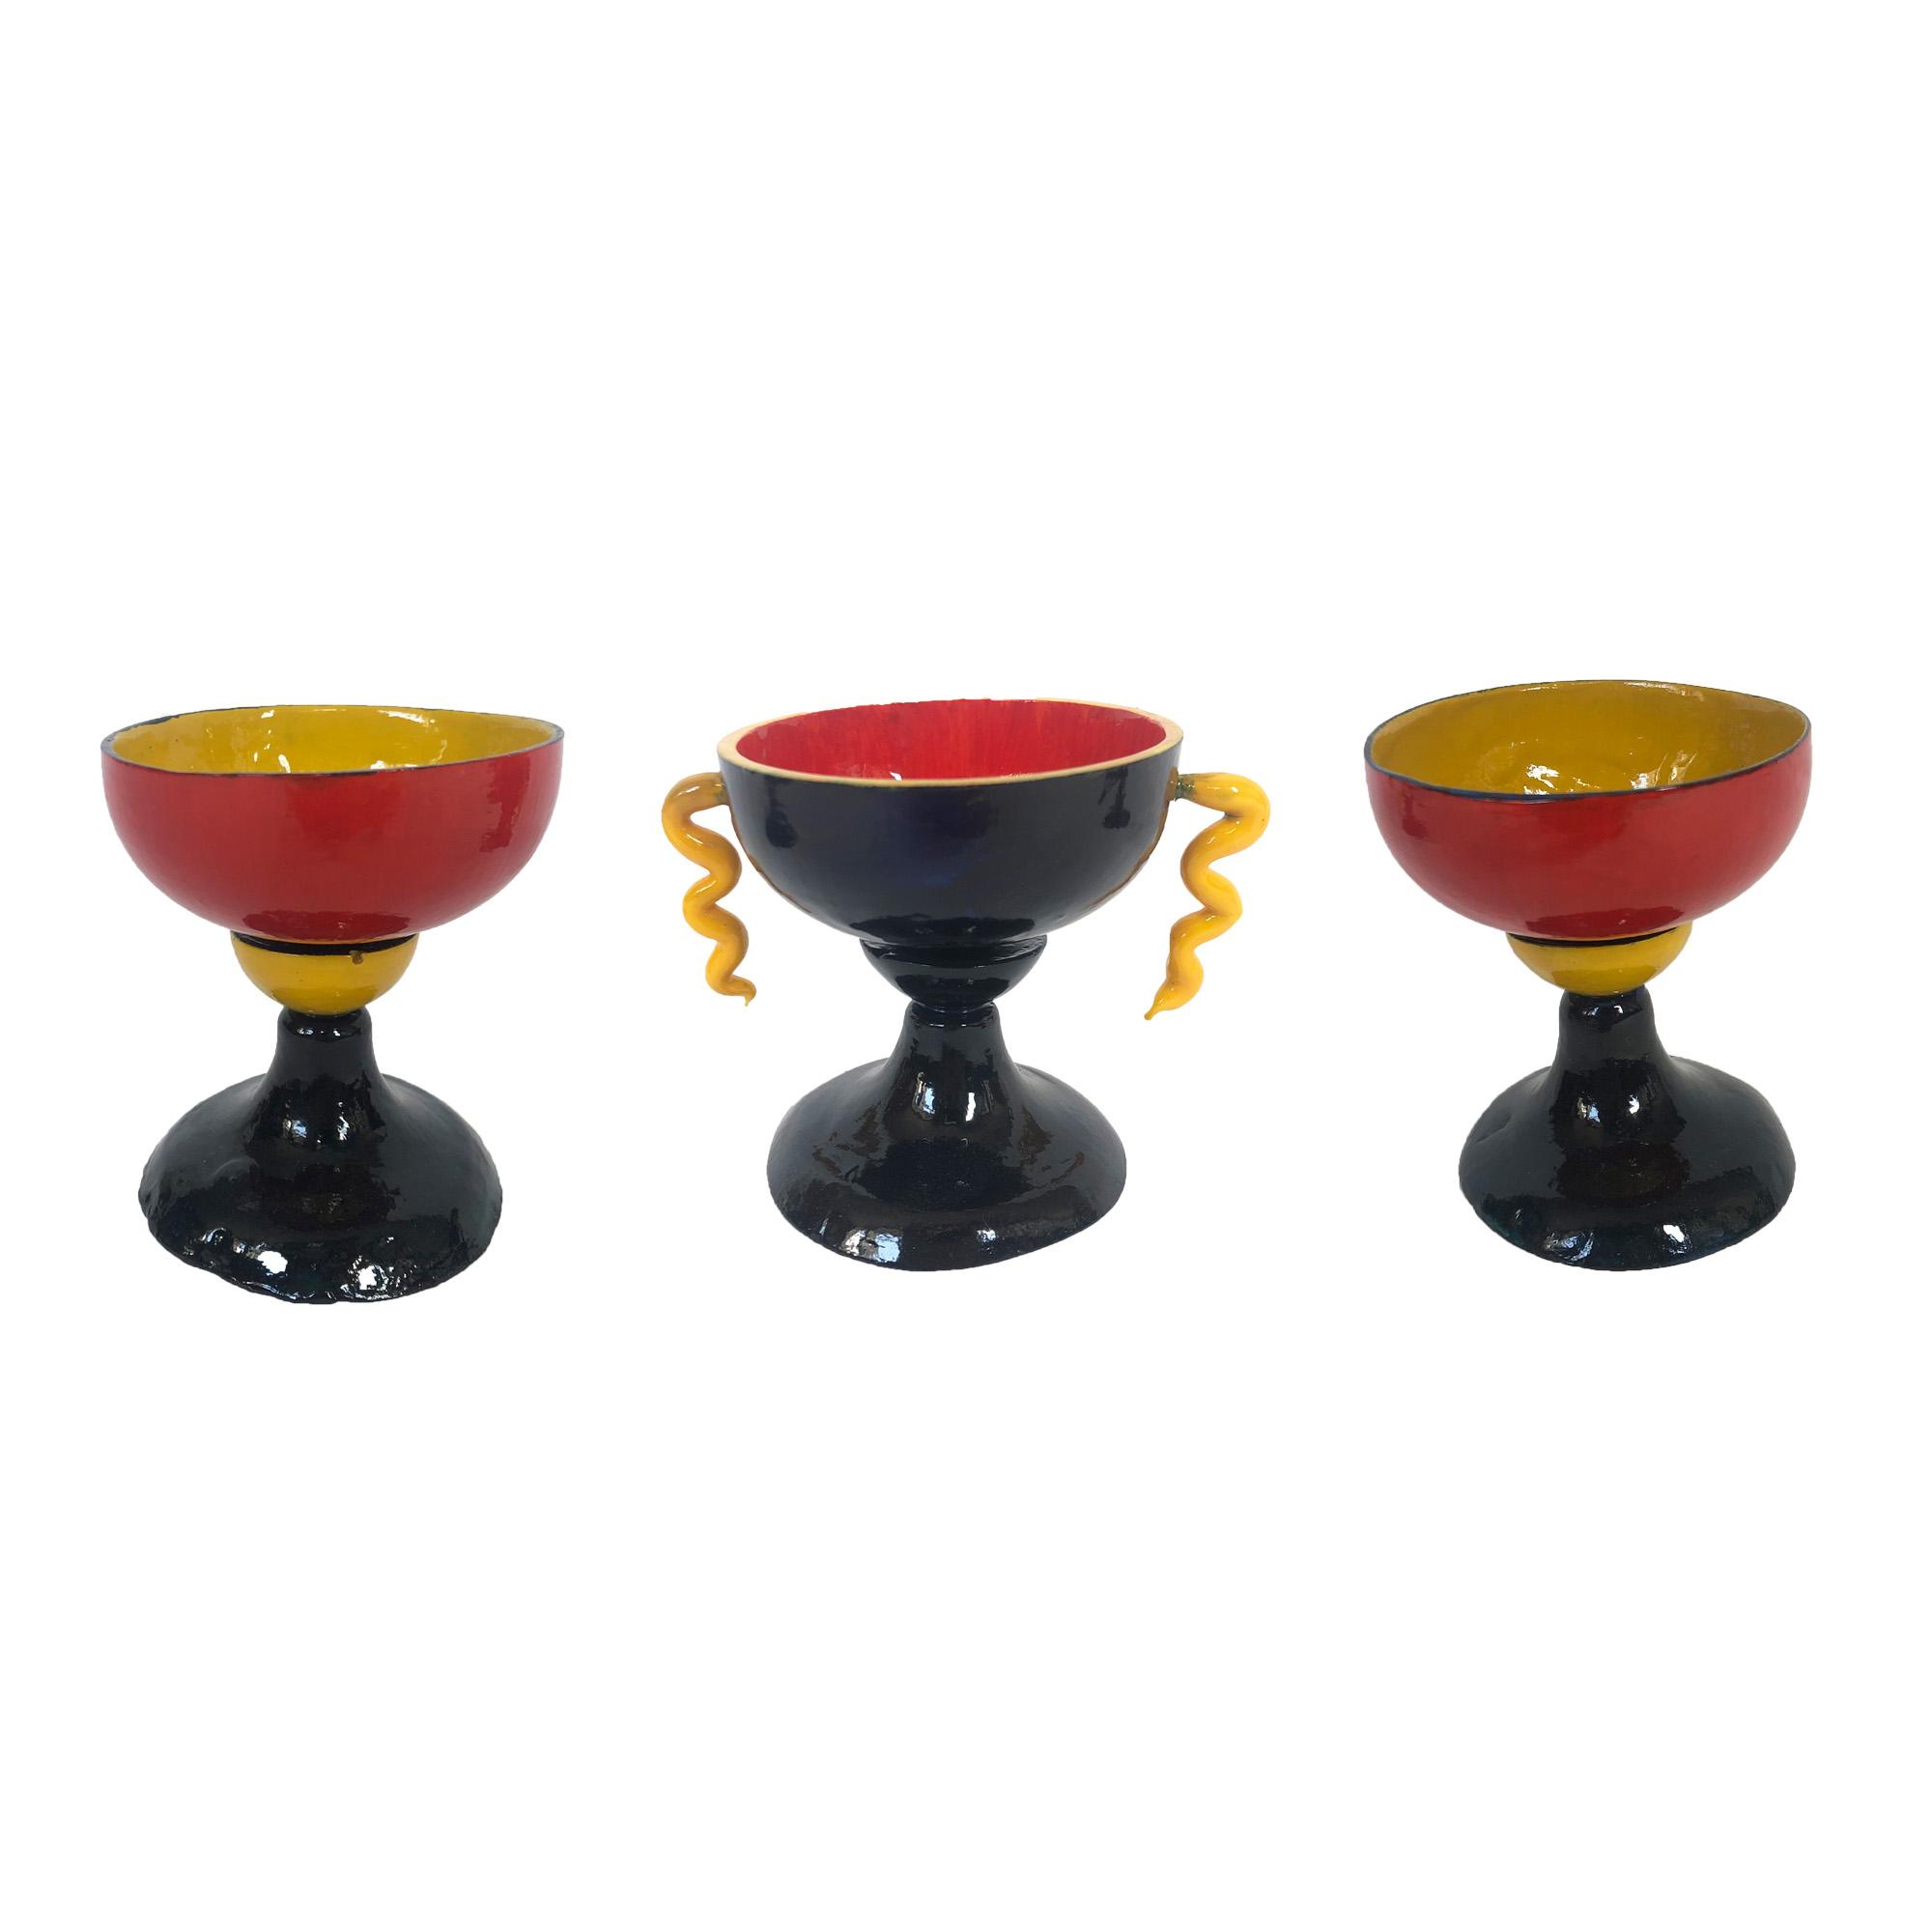 MIRANDA KEYES GLASSES